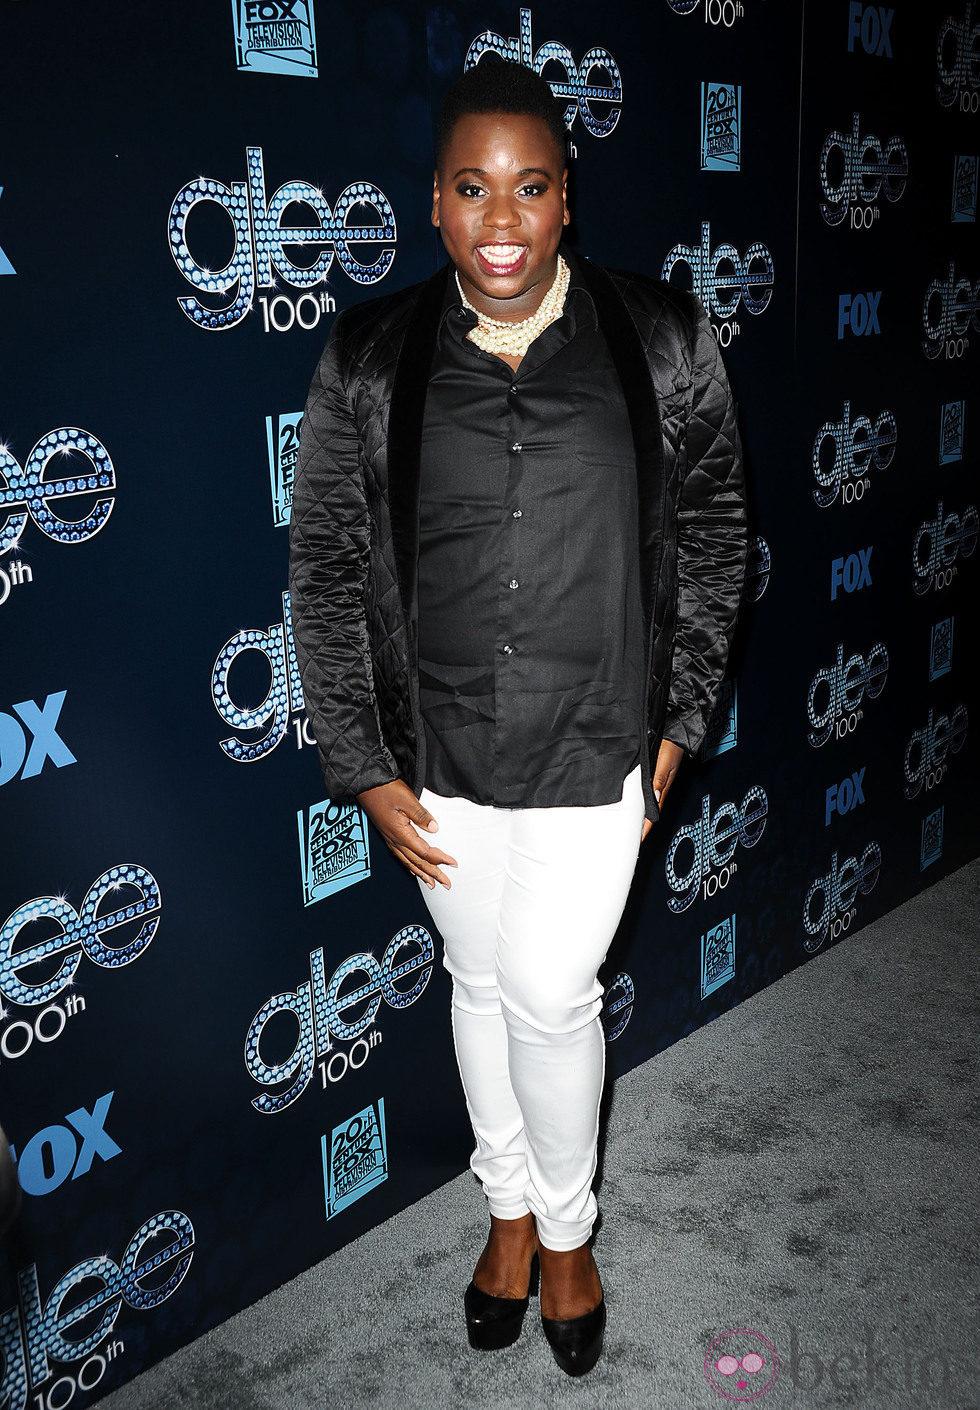 Alex Newell en la fiesta del episodio 100 de 'Glee'